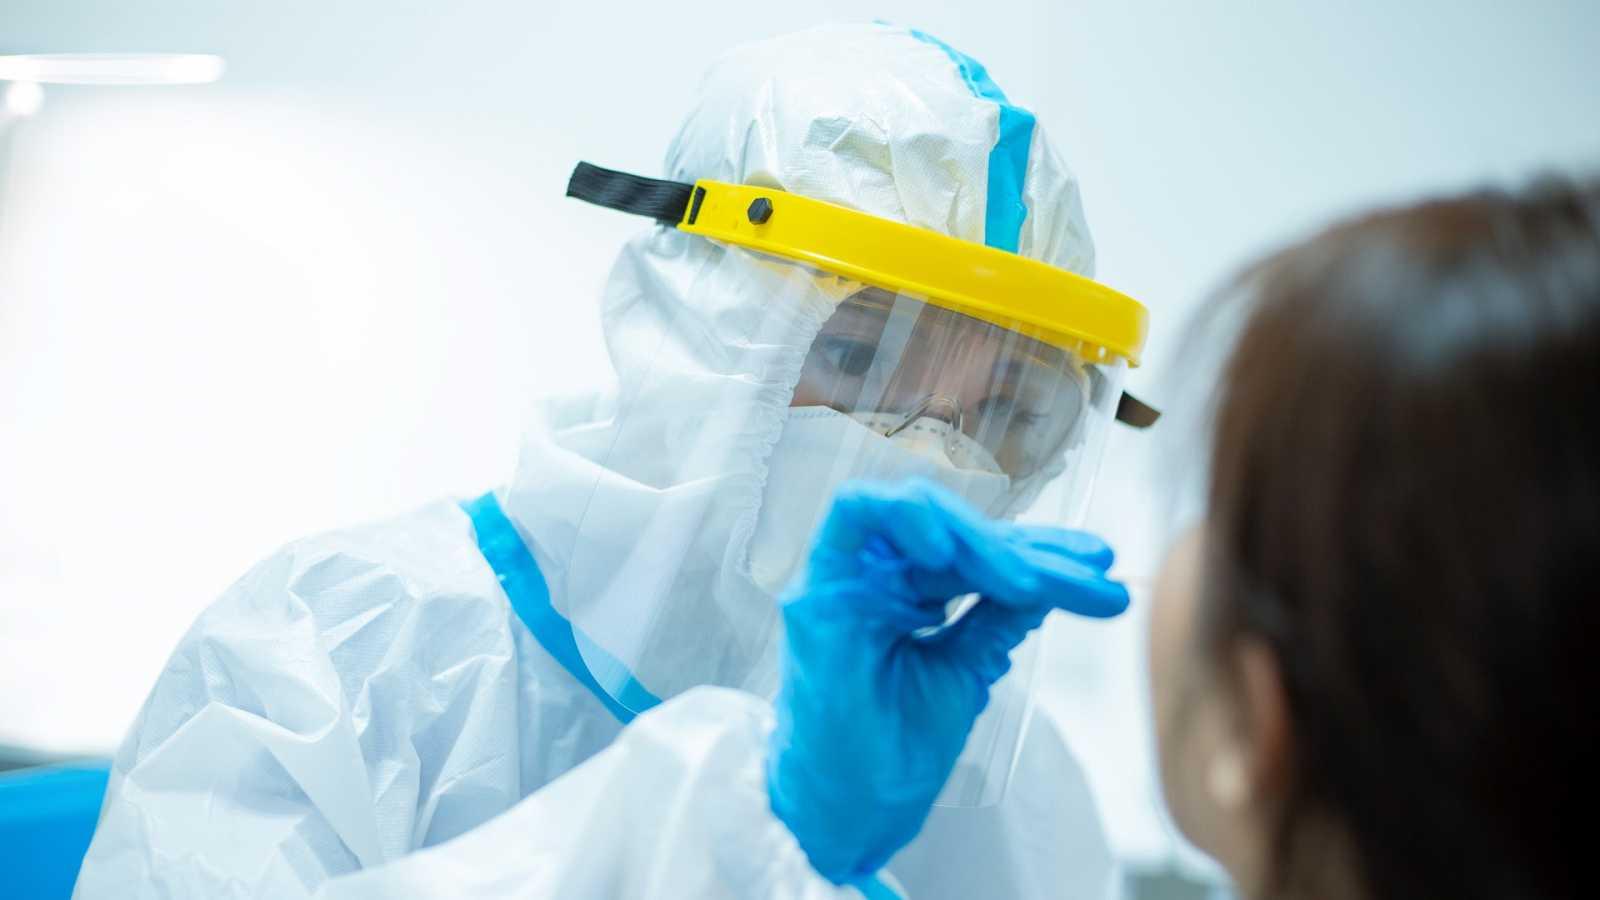 La infección se realizará rociando el virus por la nariz